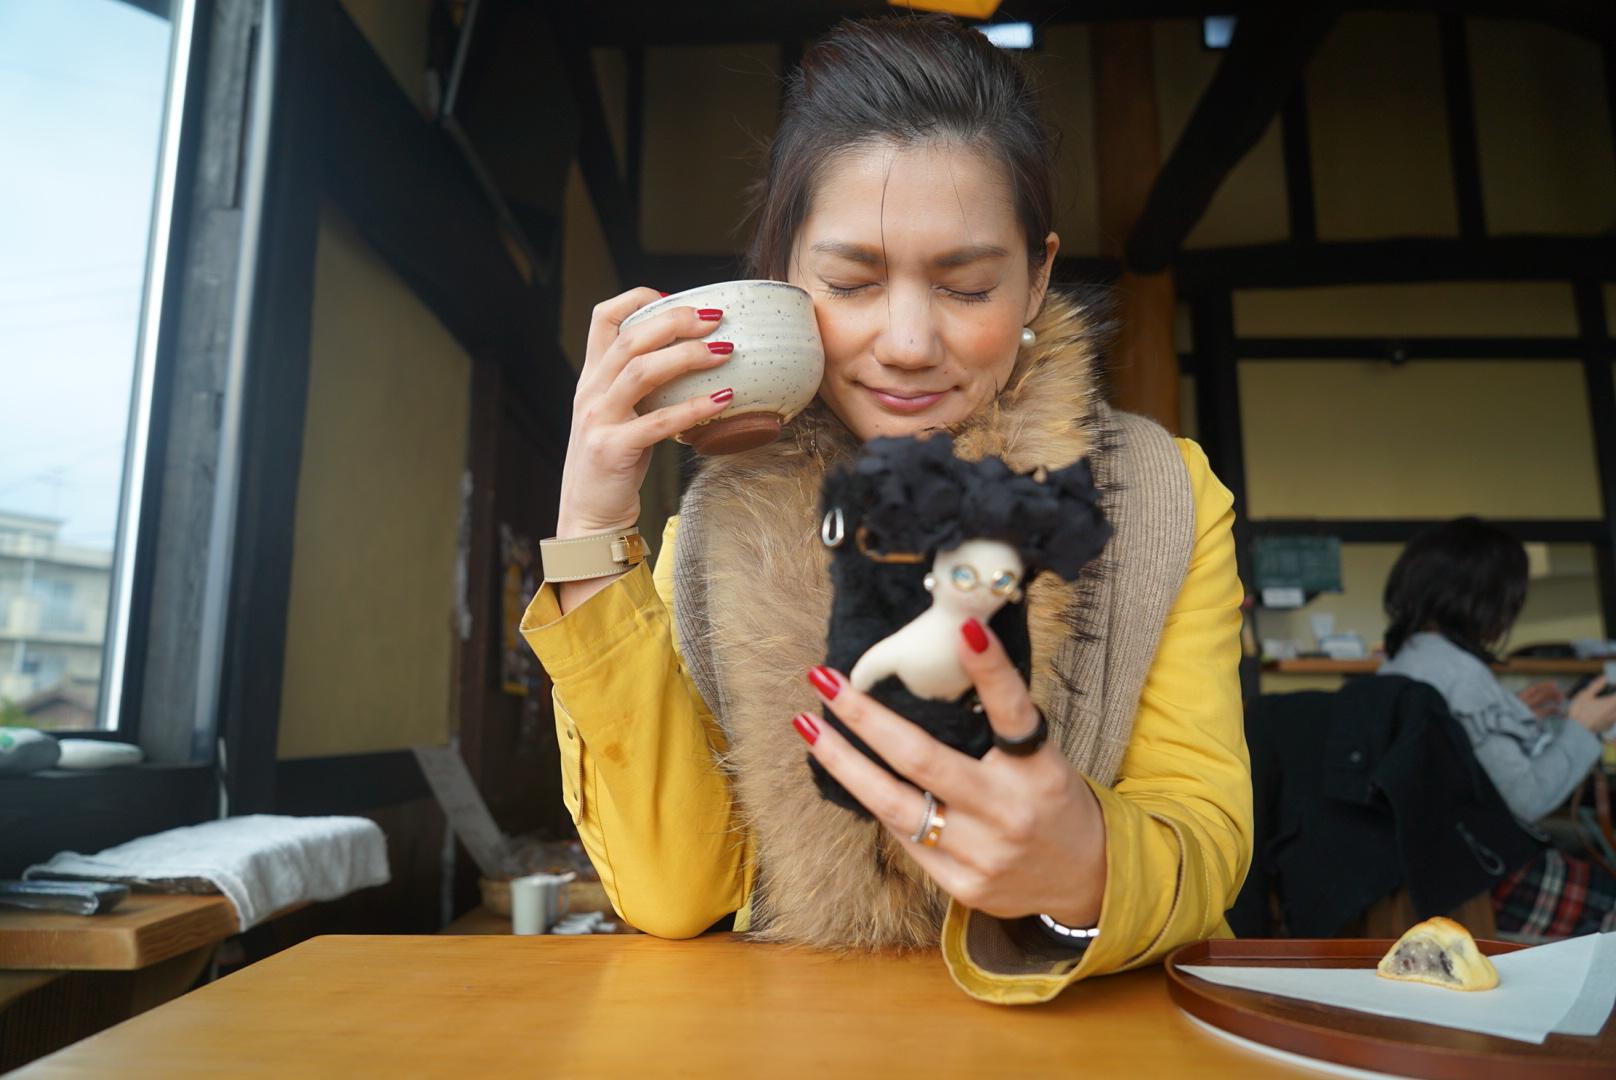 【まとめ】新潟 1泊2日佐渡島旅の準備とスケジュール・ホテル